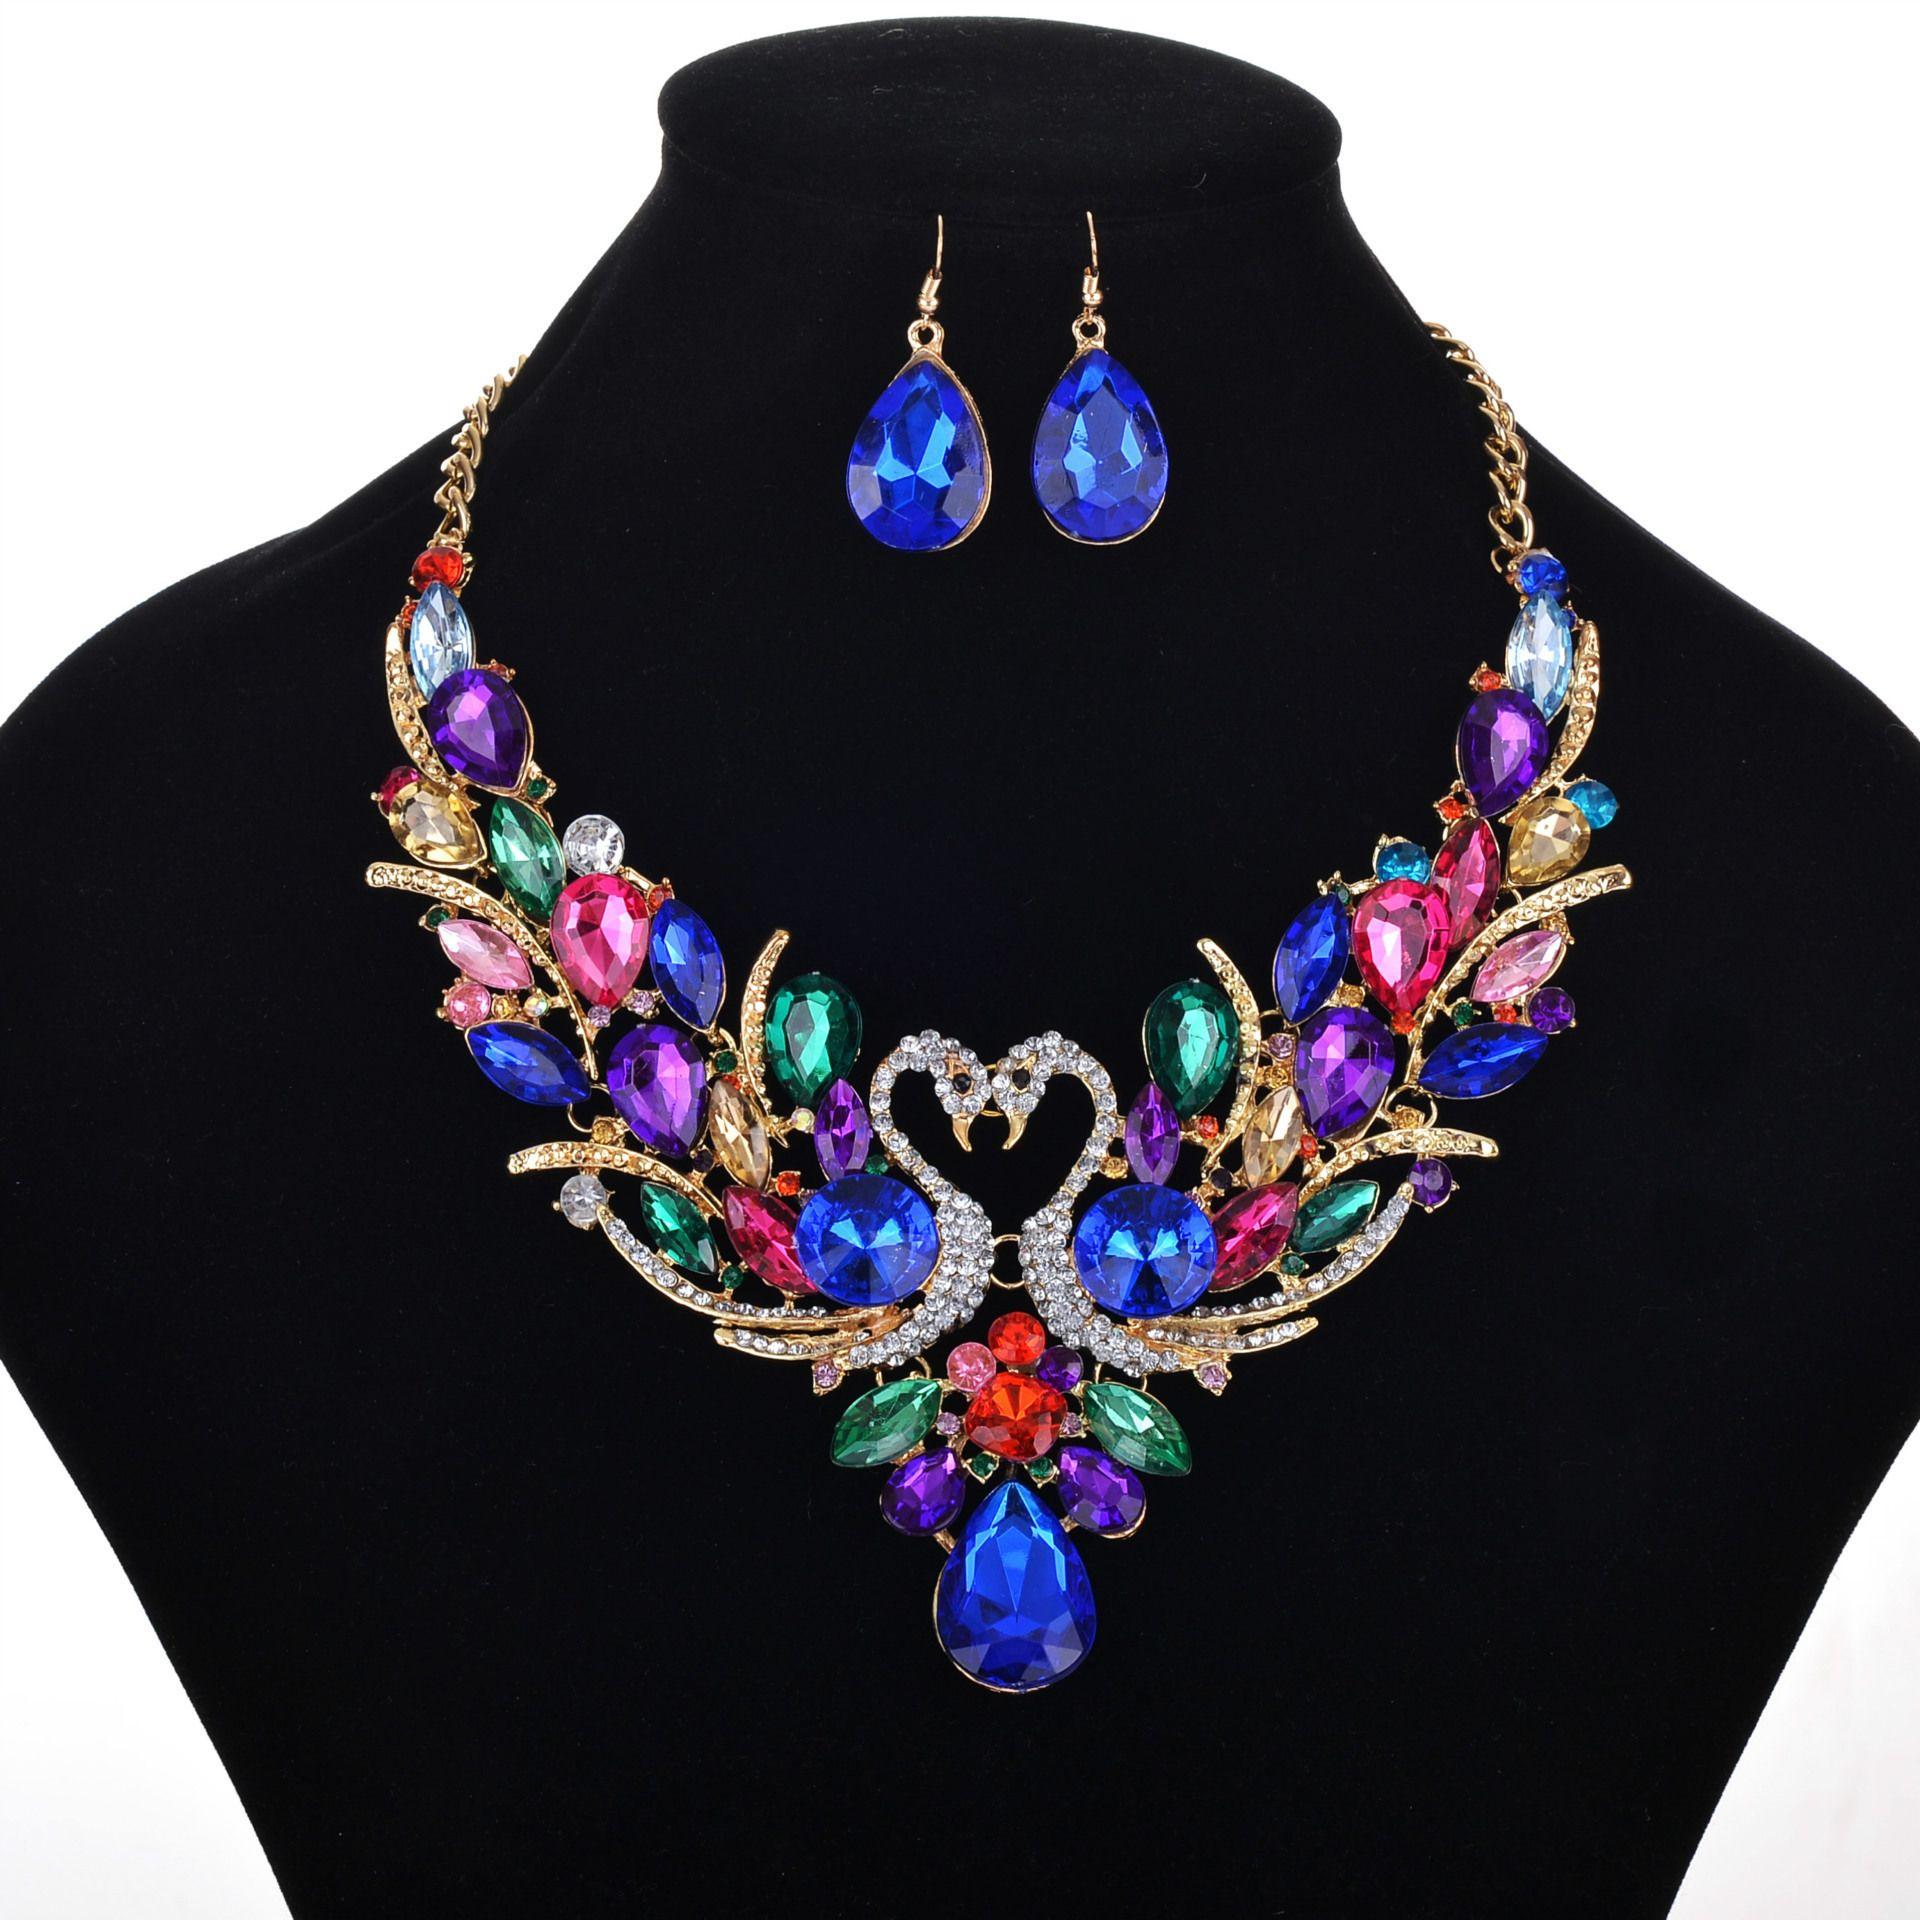 NEUE ANKUNFT HEISSE VERKAUF Diamant Anzug kurze Allgleiches Legierung Halskette und Ohrringe gesetzt